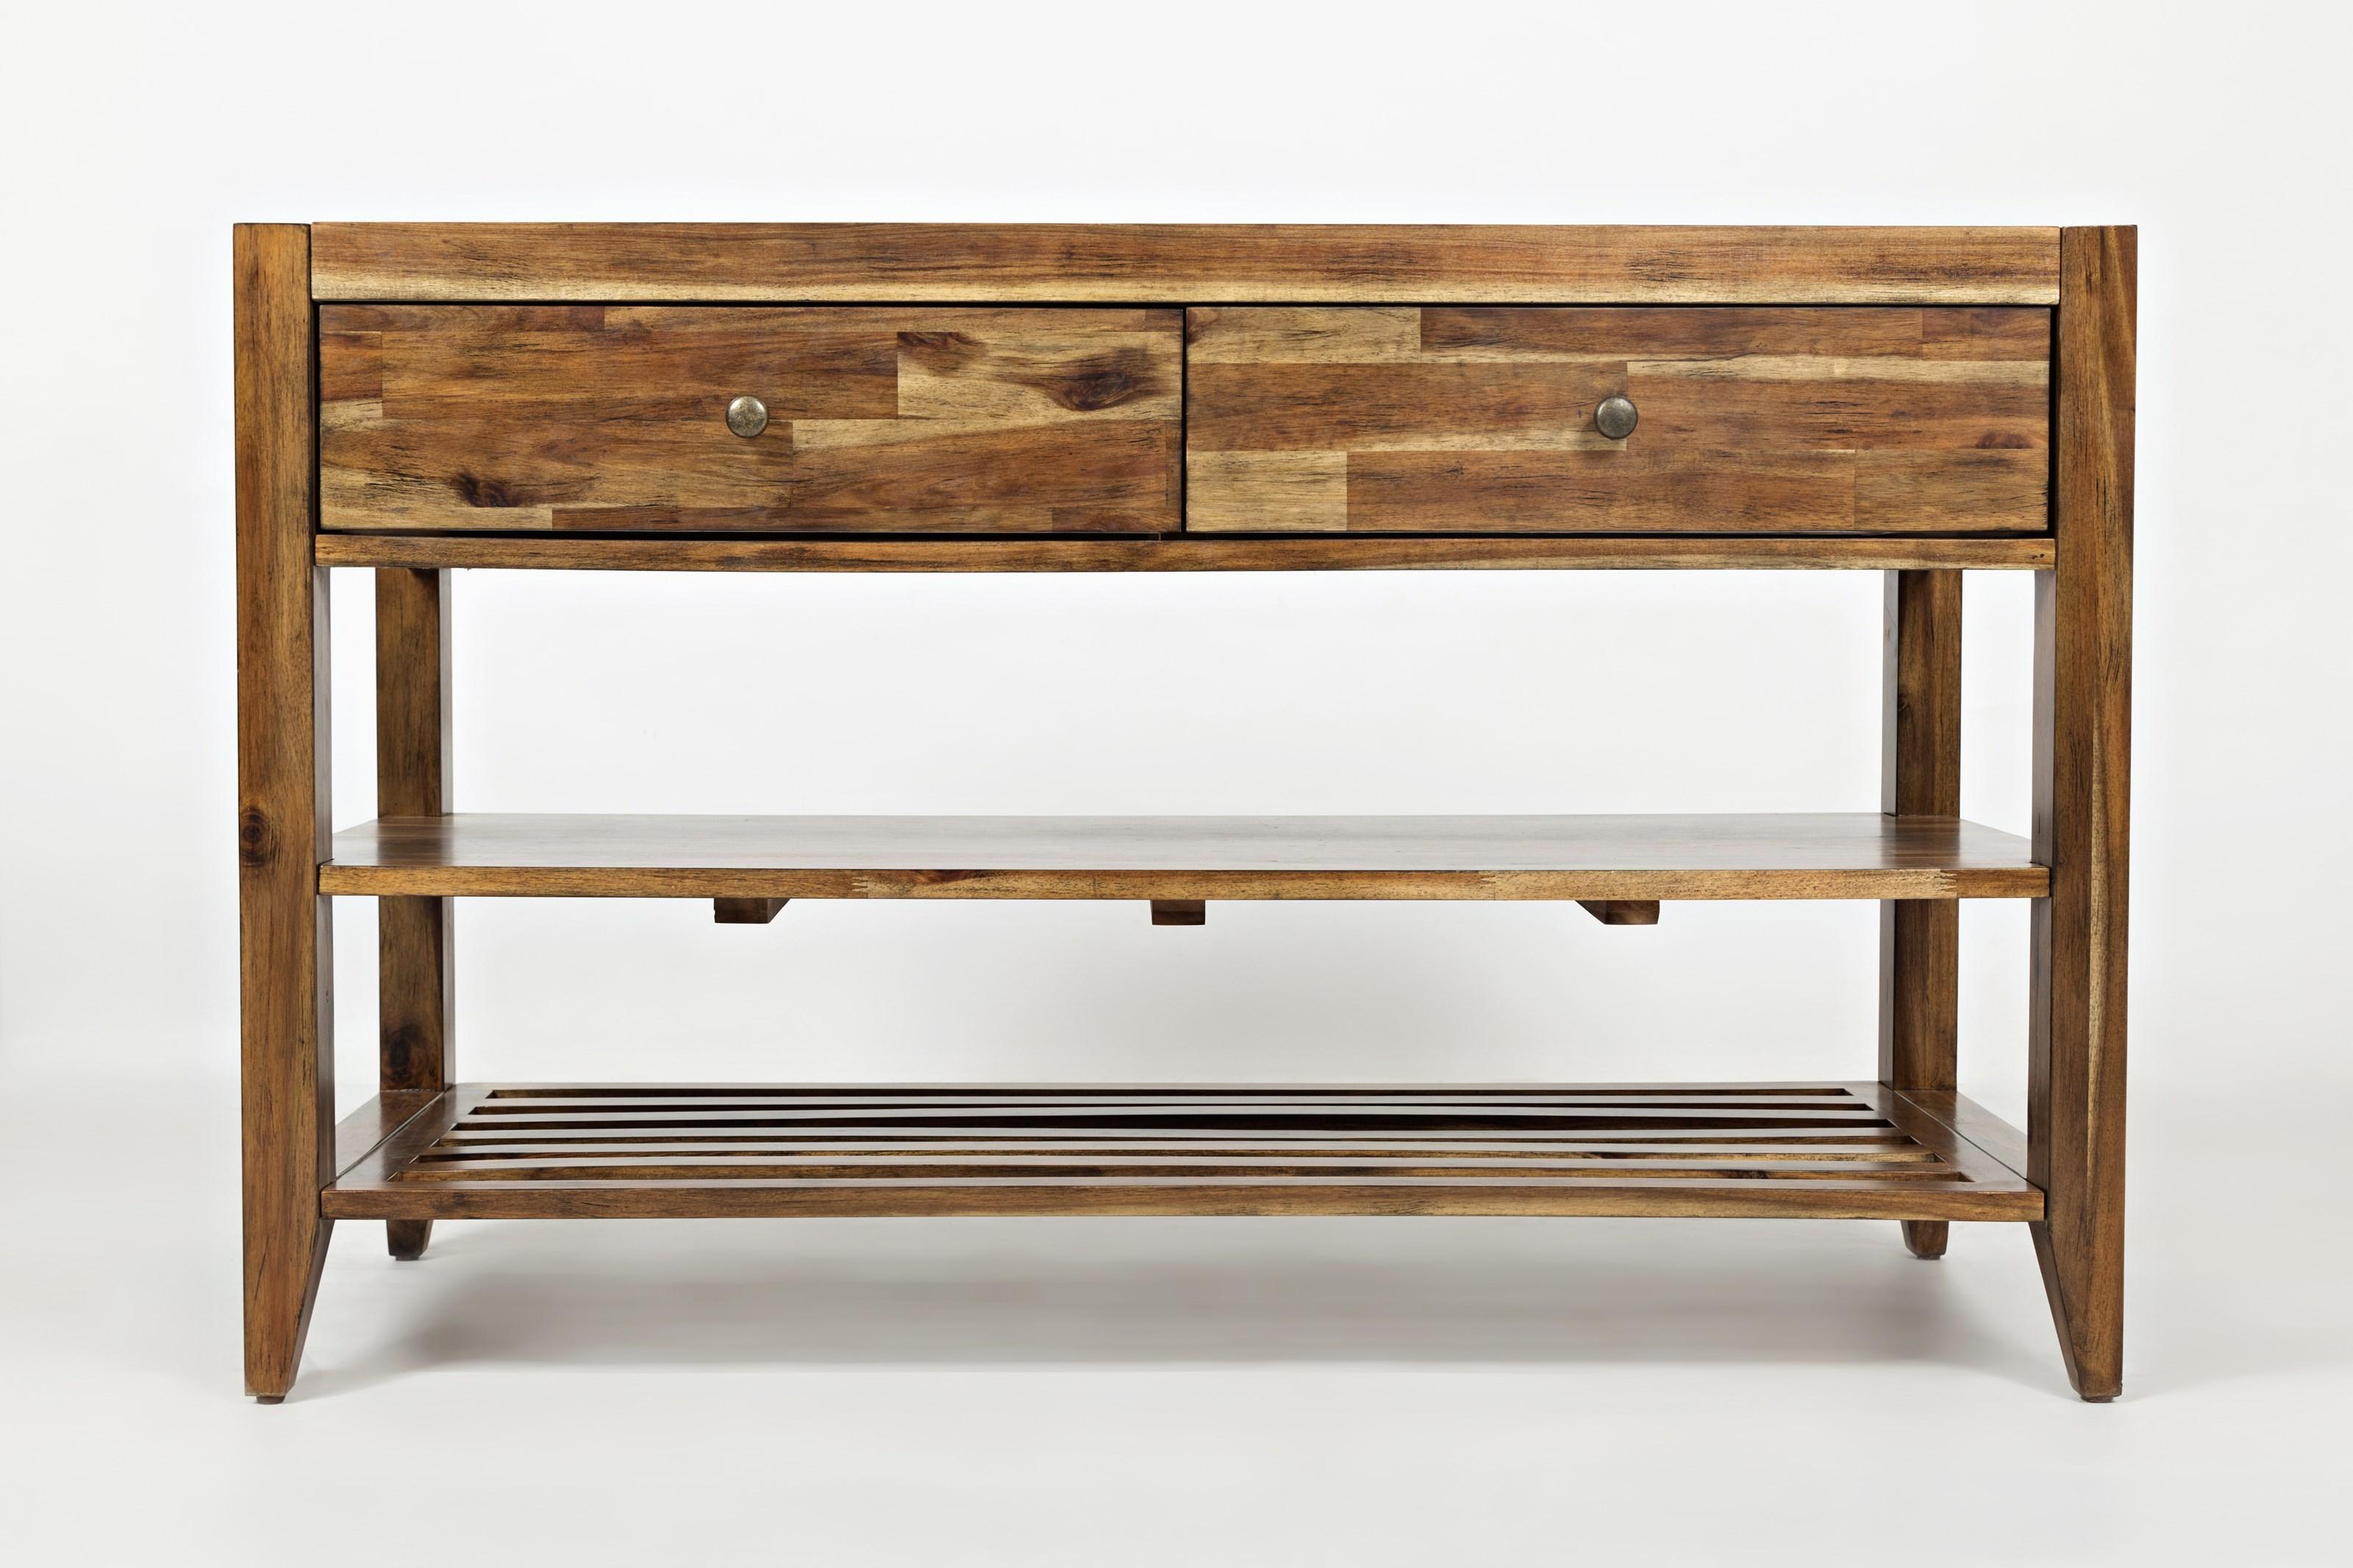 Beacon Street Sofa Table by Jofran at Jofran